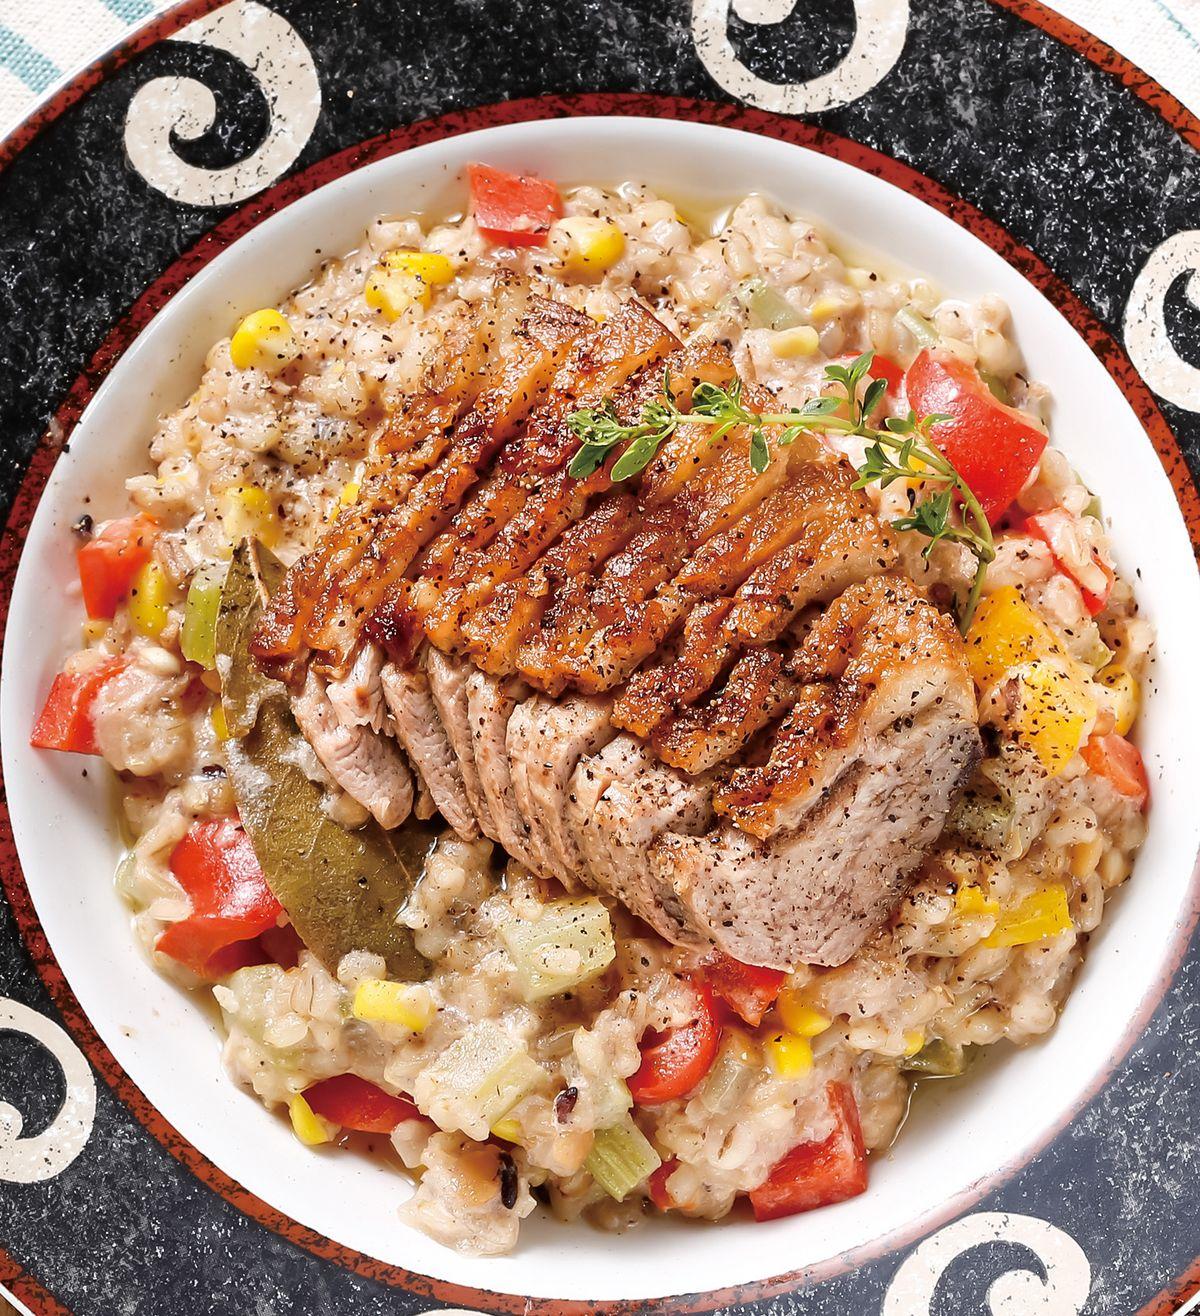 食譜:糙米燻鴨胸燉飯(電子鍋)